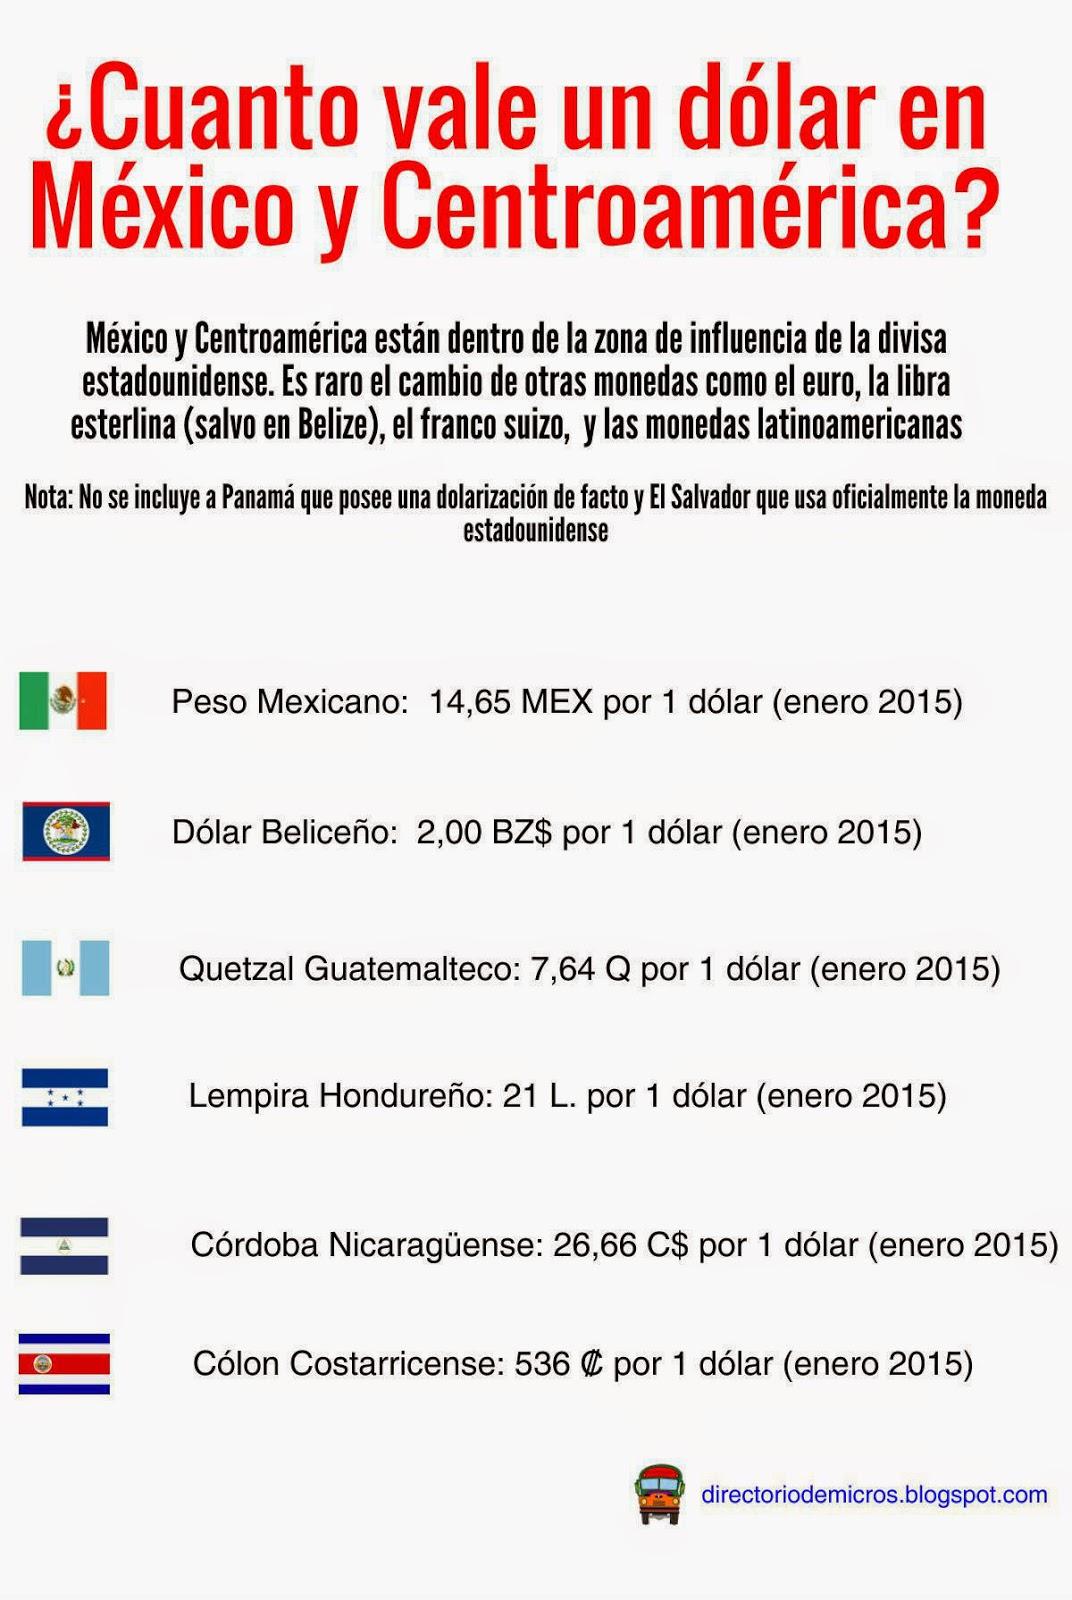 Cuanto cuesta un jetta en mexico autos post for Cuanto cuesta un segway